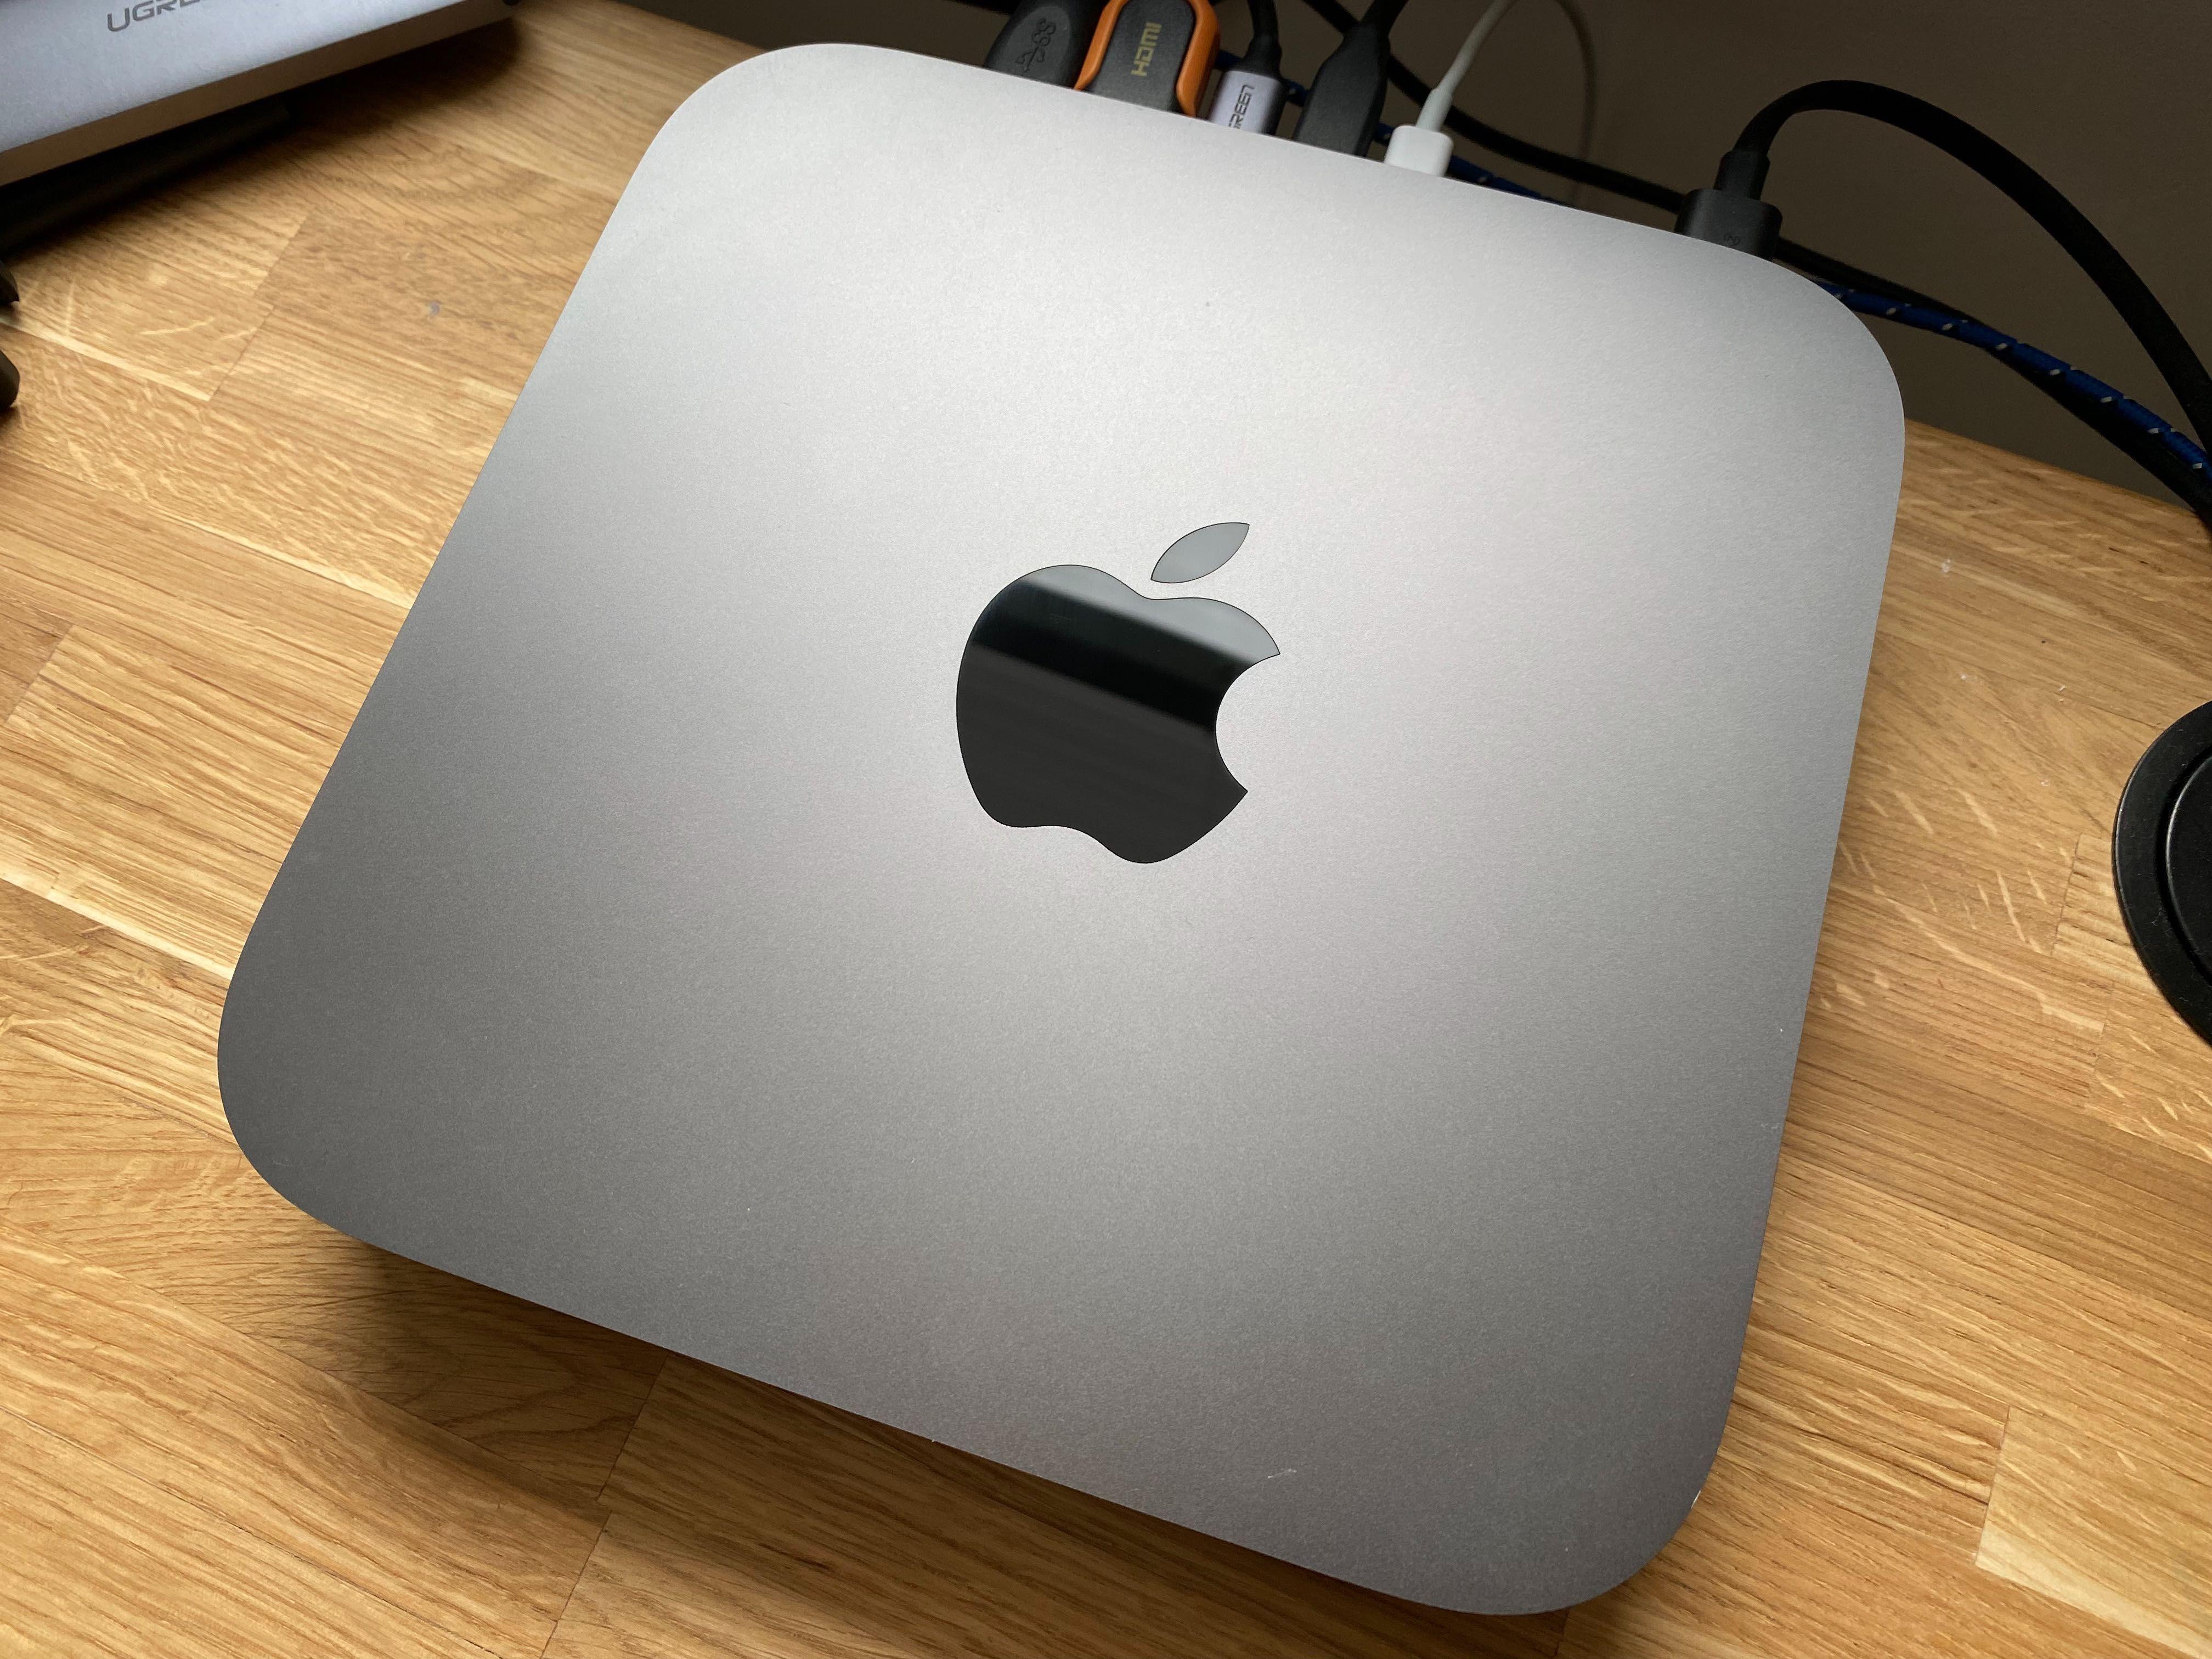 Mac mini (model 2018), 8 GB RAM, 256 GB SSD